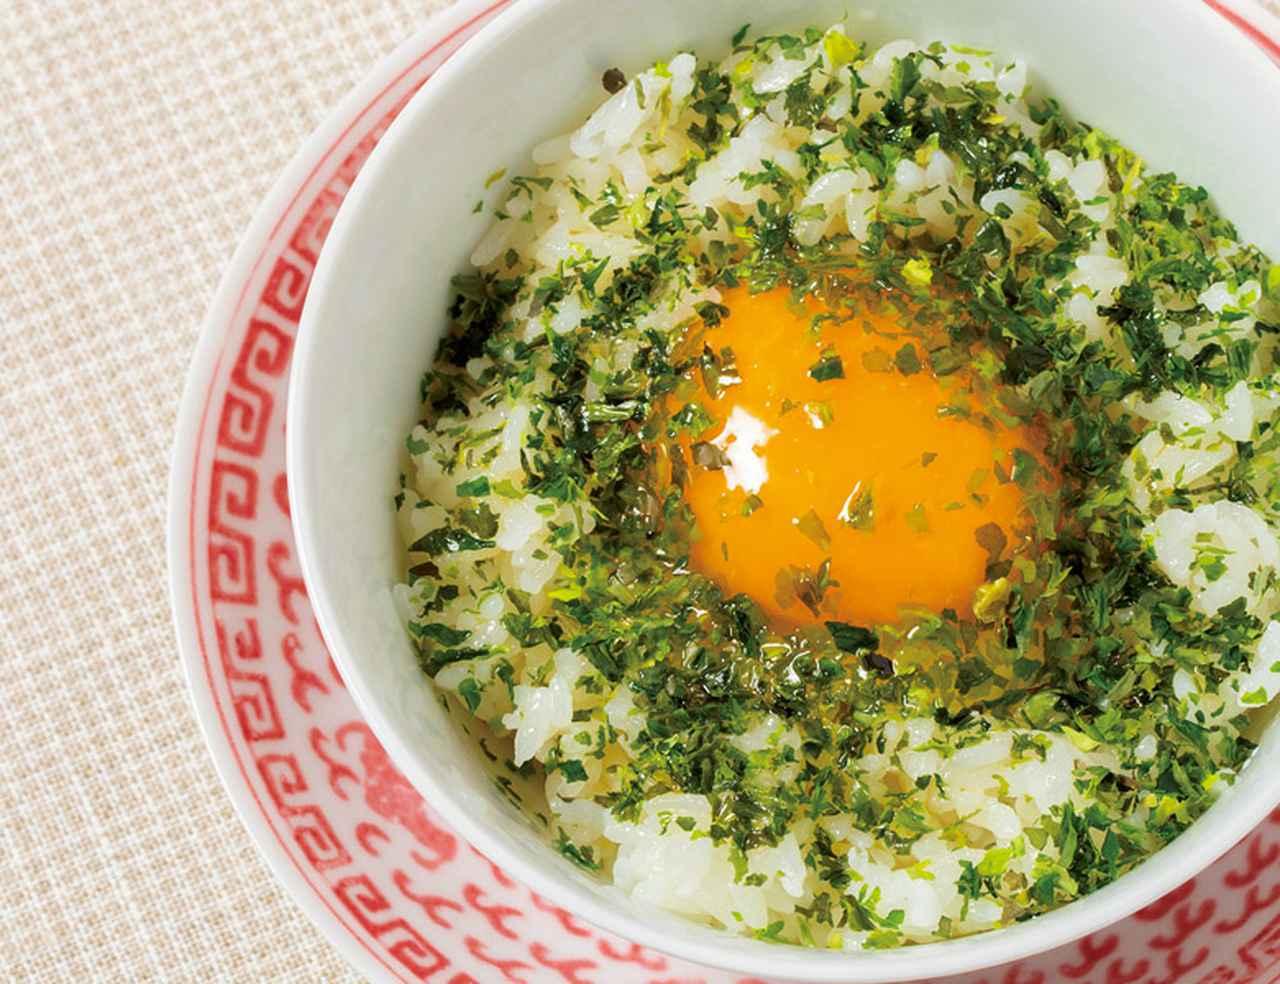 画像2: 組み合わせは無限大! 珠玉の卵かけご飯のアレンジレシピ